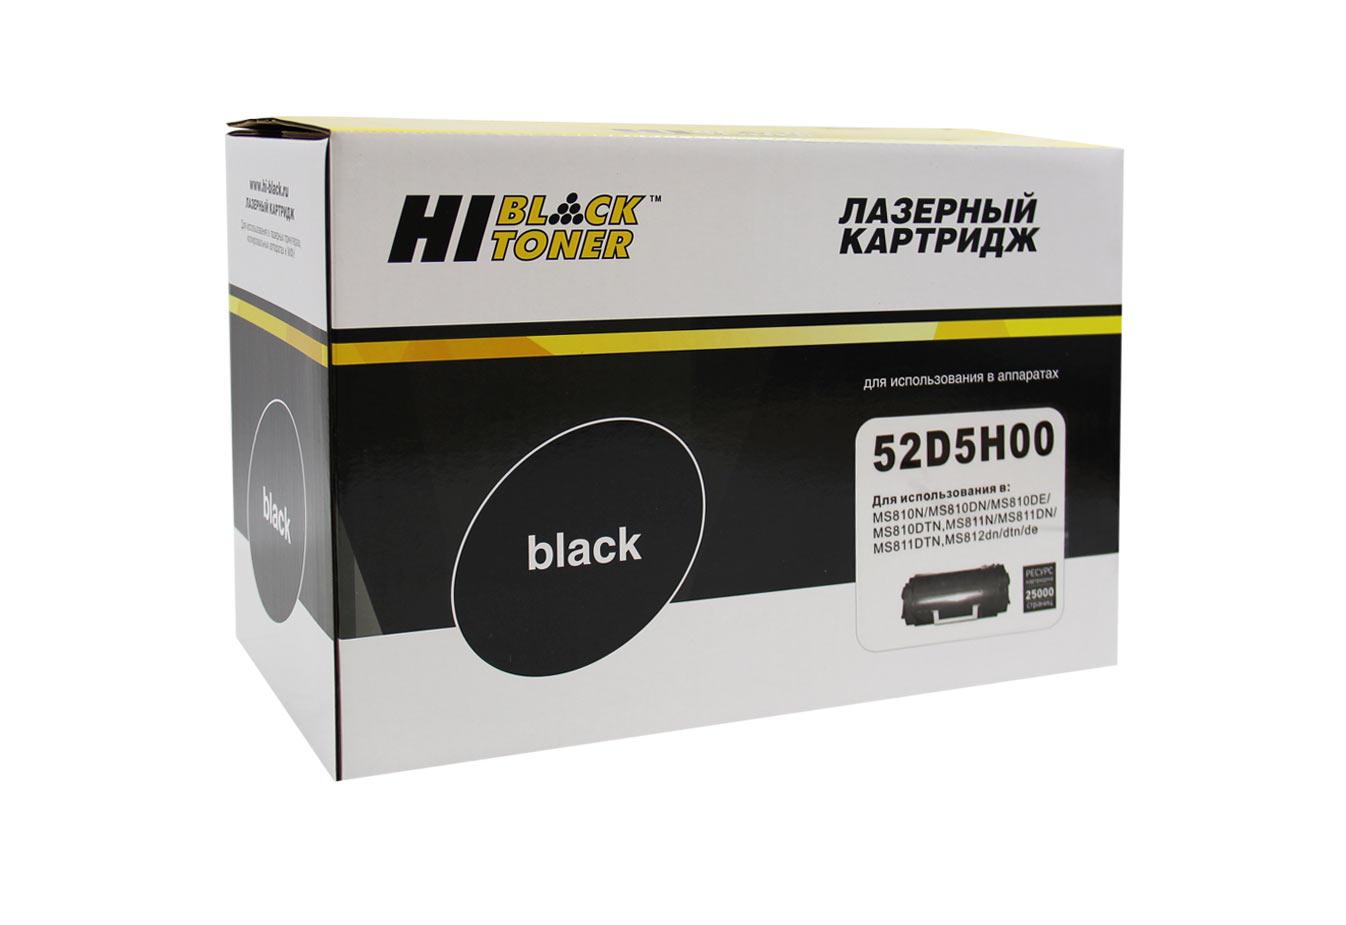 Тонер-картридж Hi-Black (HB-52D5H00) для Lexmark MS810/MS811/MS812, 25K